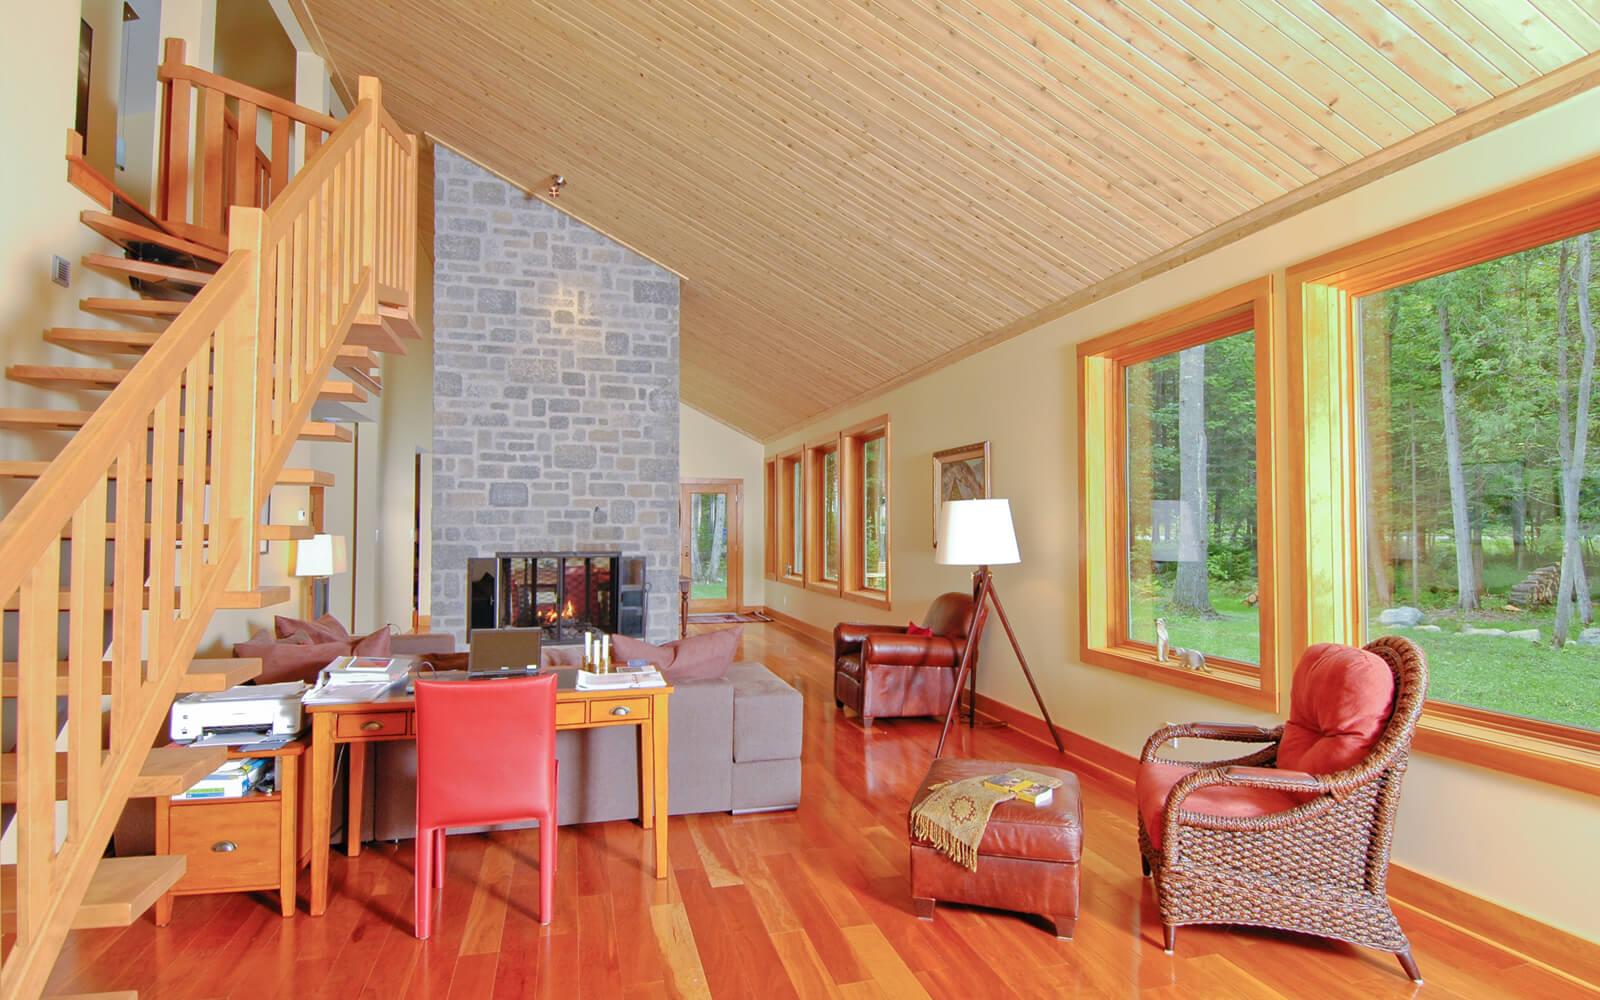 Décoration séjour décor nature foyer